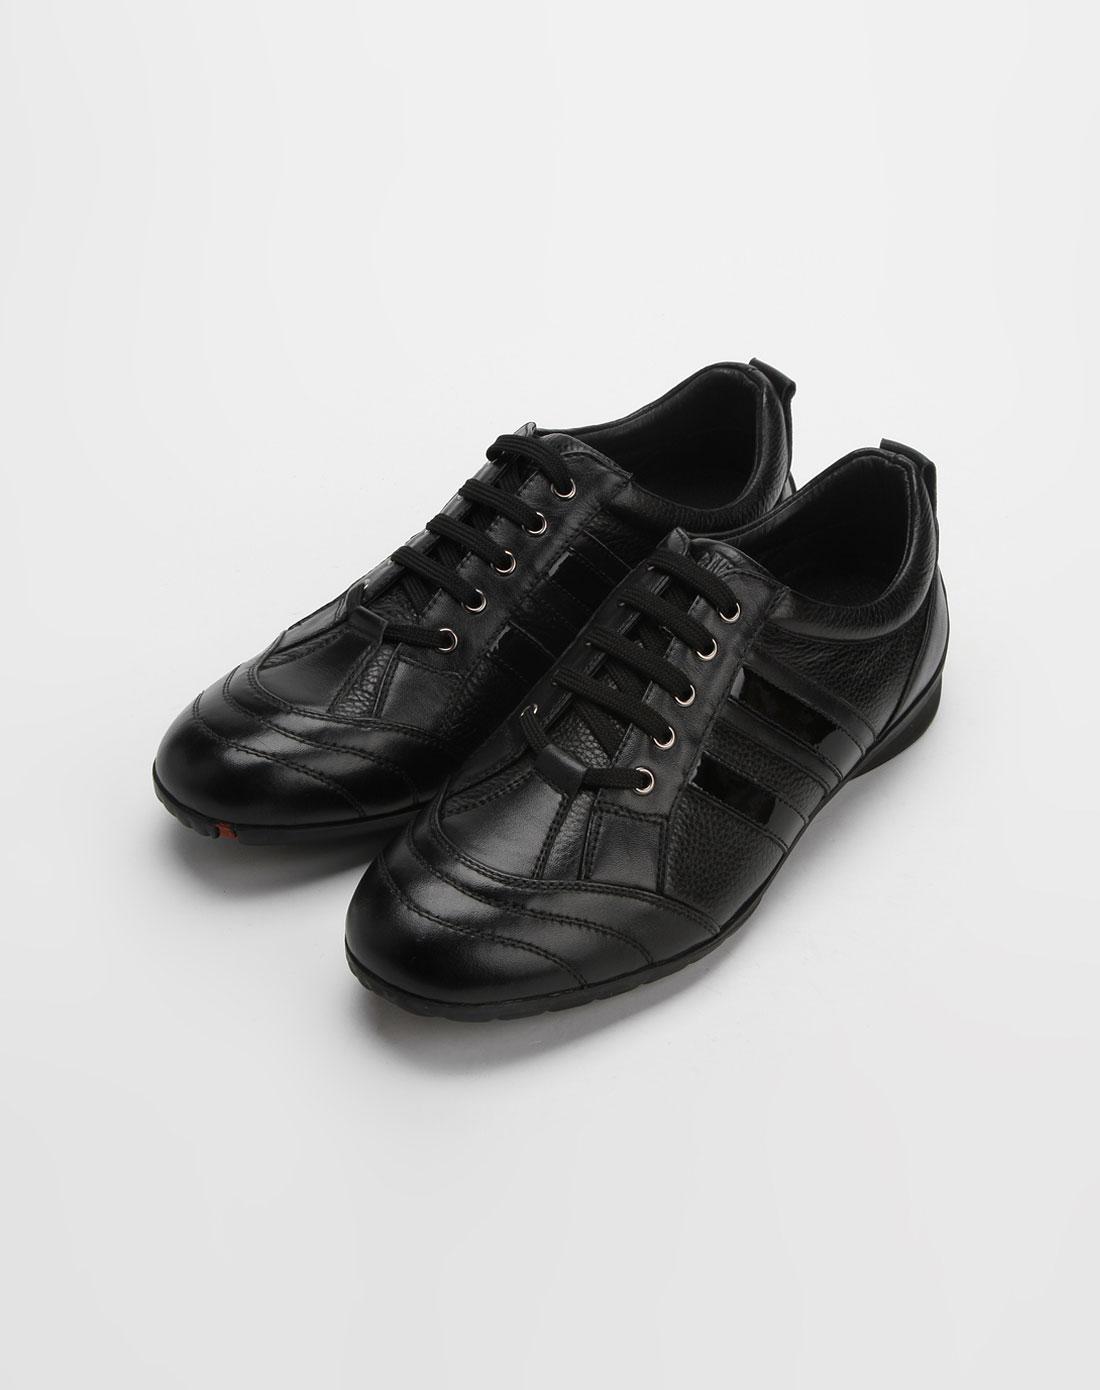 黑色休闲皮鞋_金利来goldlion-男鞋官网特价3.5-4